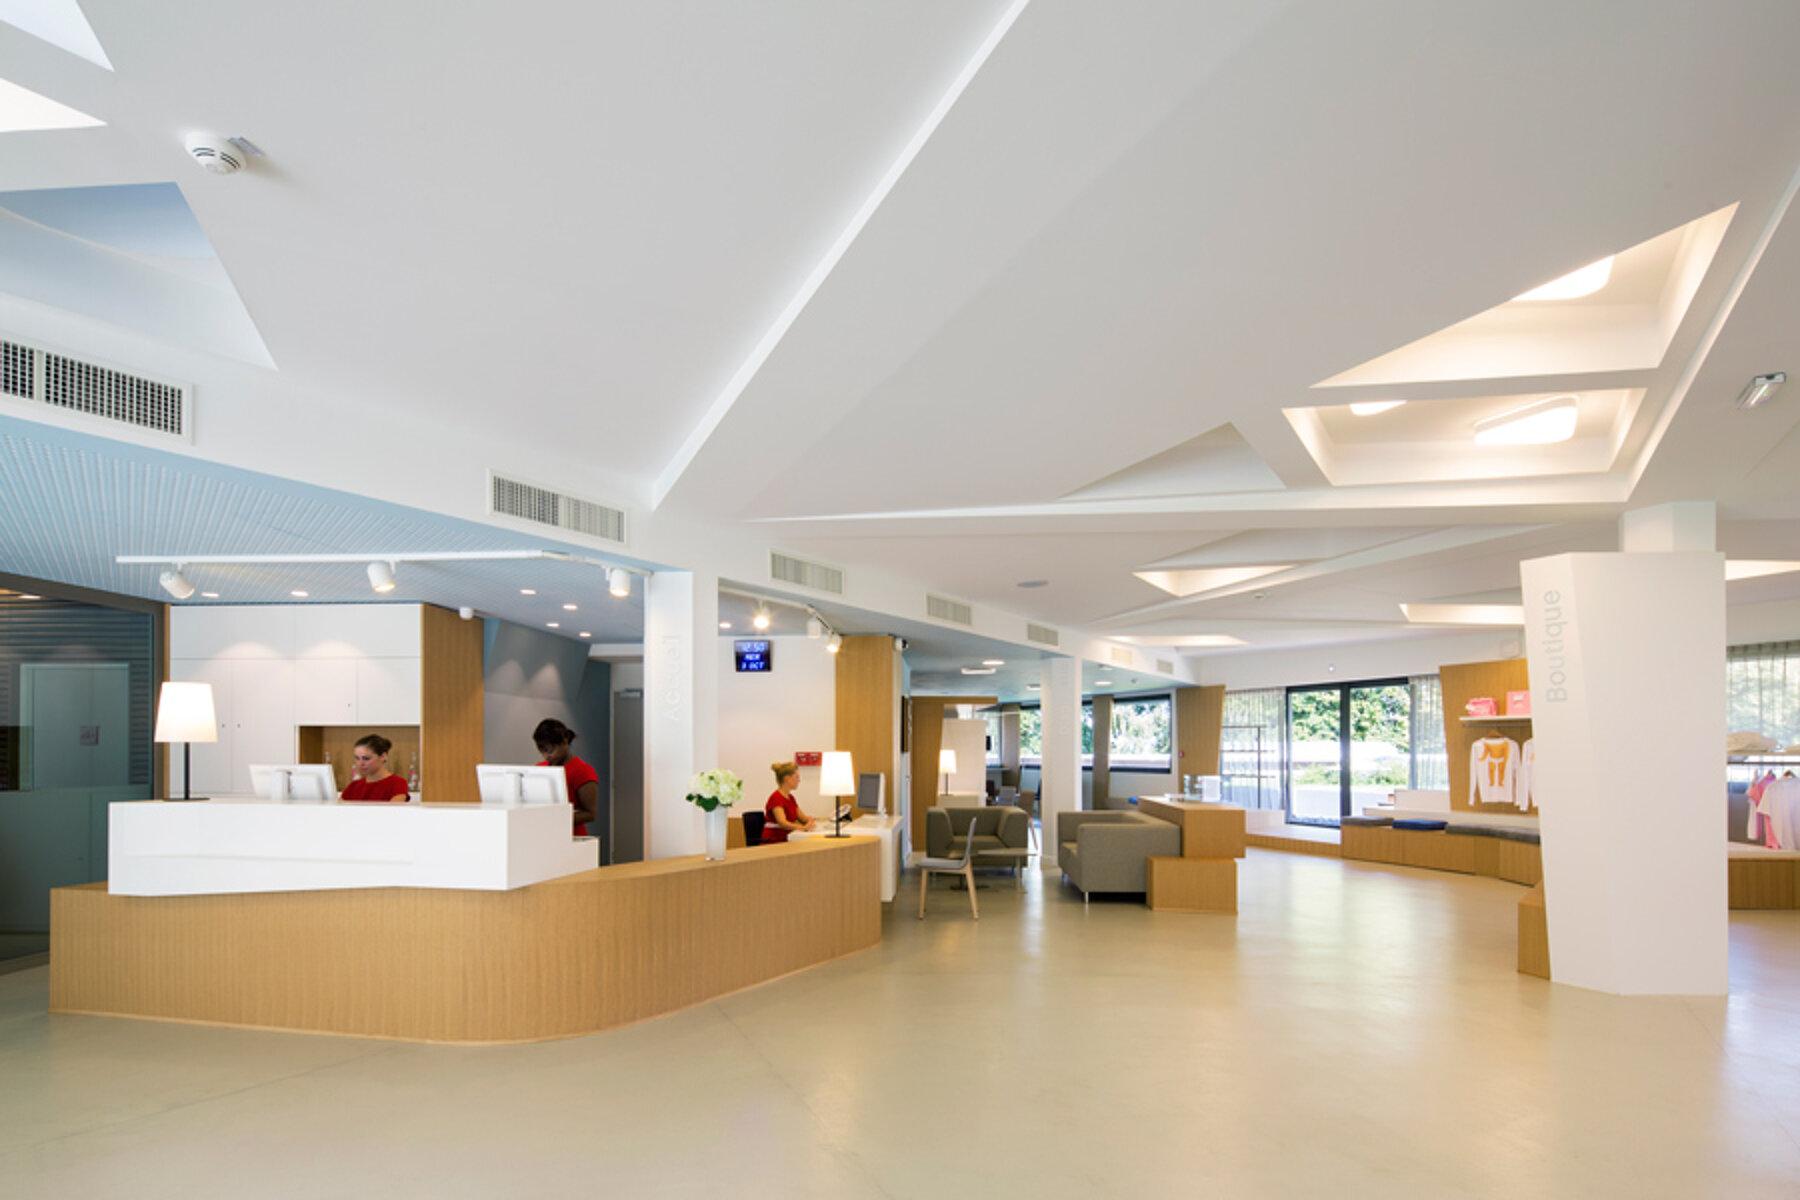 Rénovation - Equipement de santé par un architecte Archidvisor